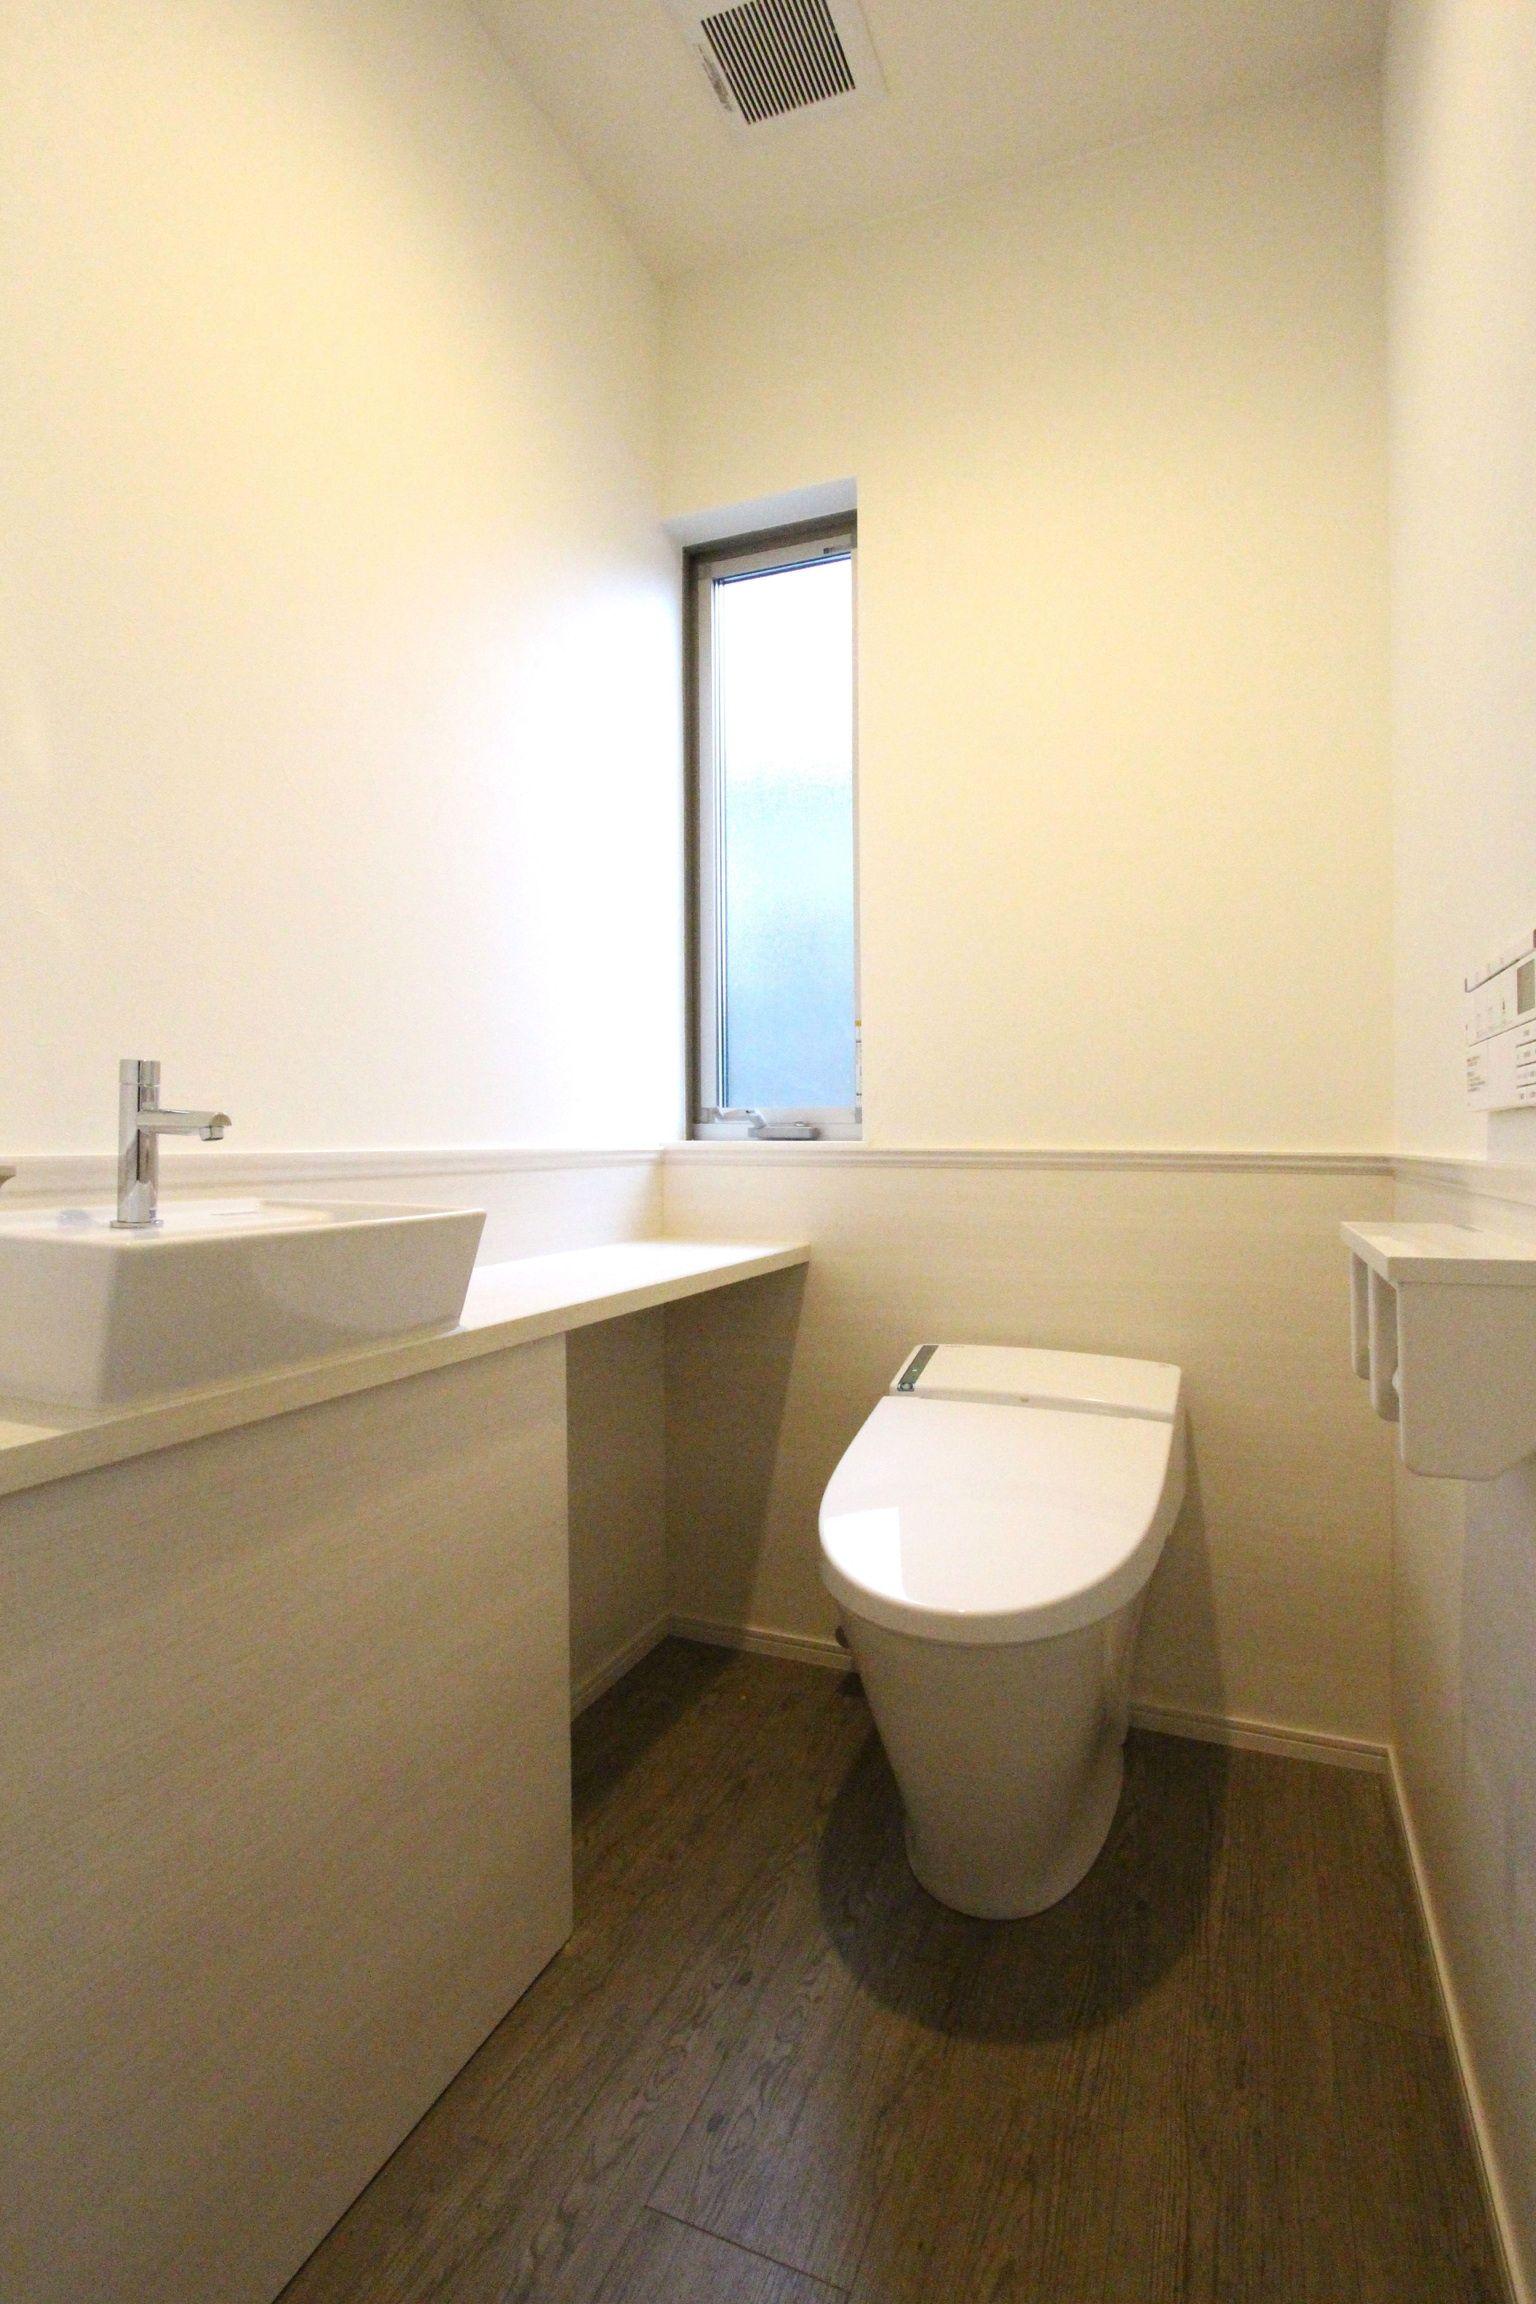 お掃除重視のトイレ施工事例 新築 トイレ トイレのアイデア トイレ 壁